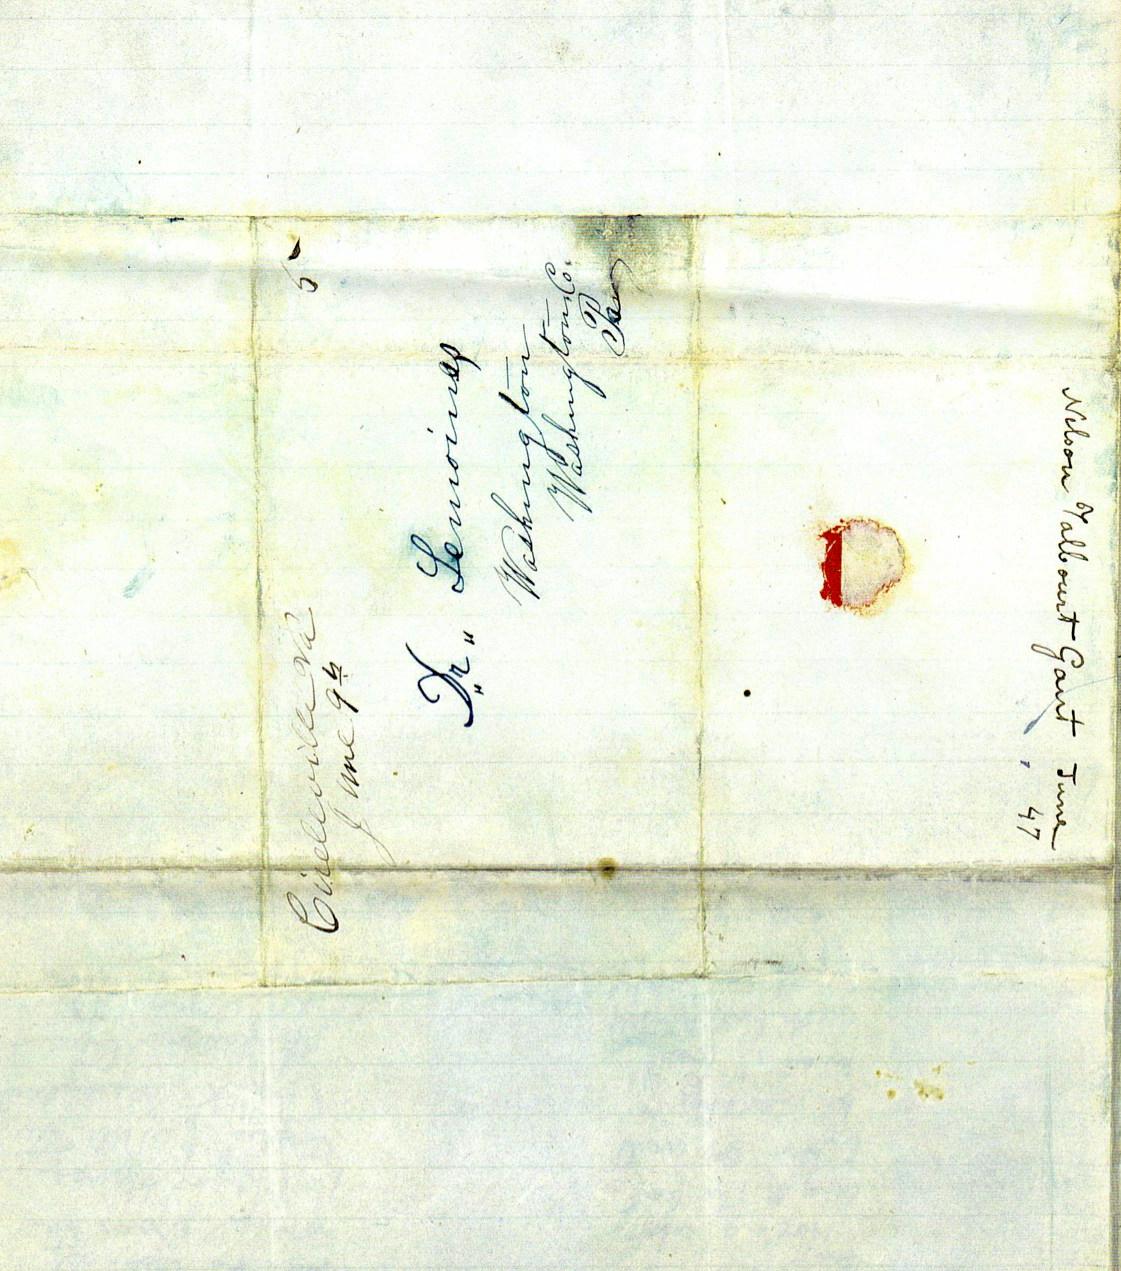 gant-letter-pg-3.jpg